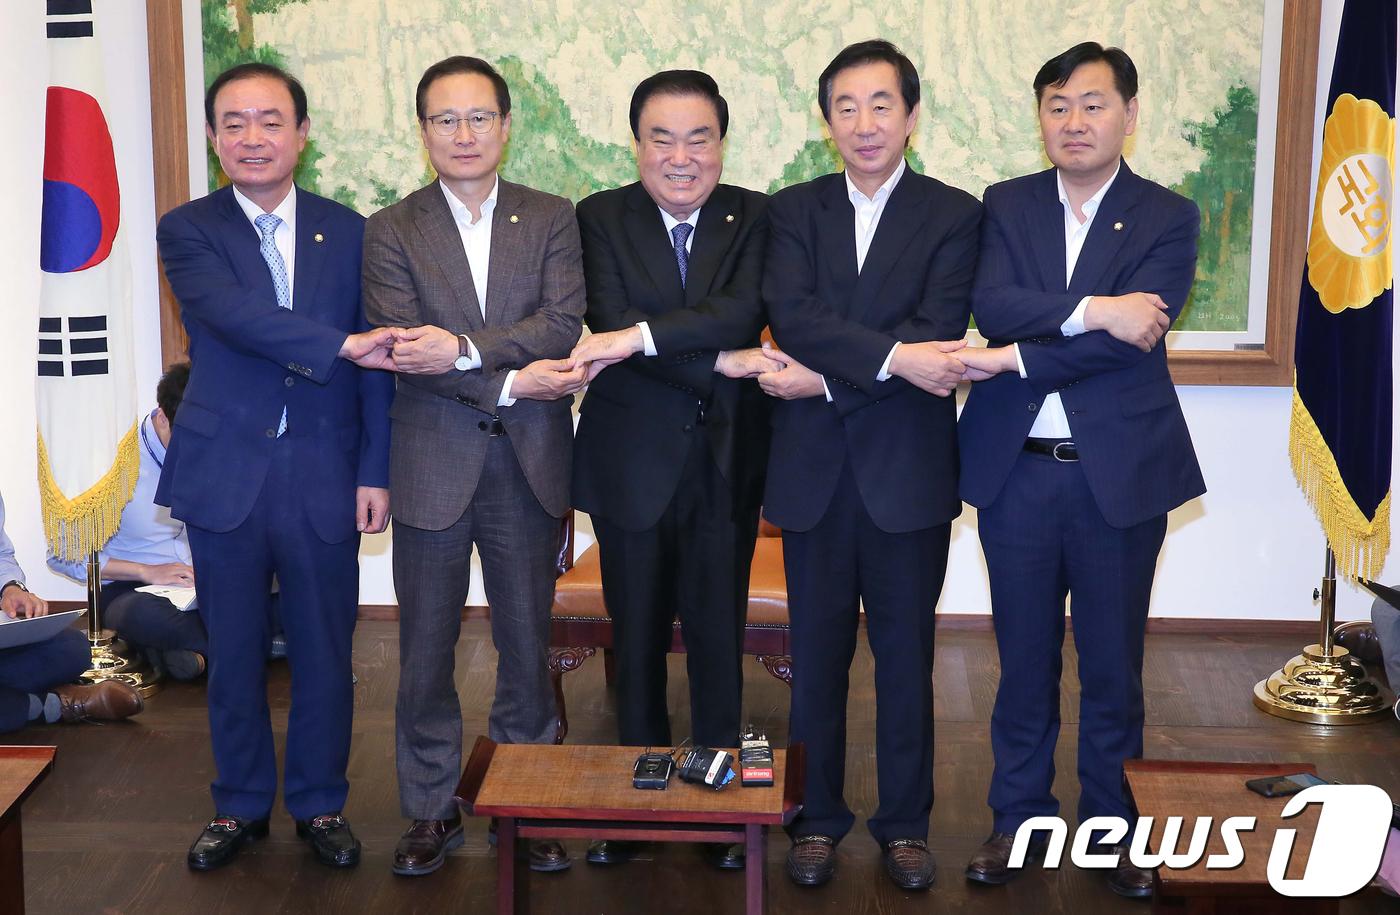 문희상 의장-여야 원내대표 첫 회동..7월 국회 협의